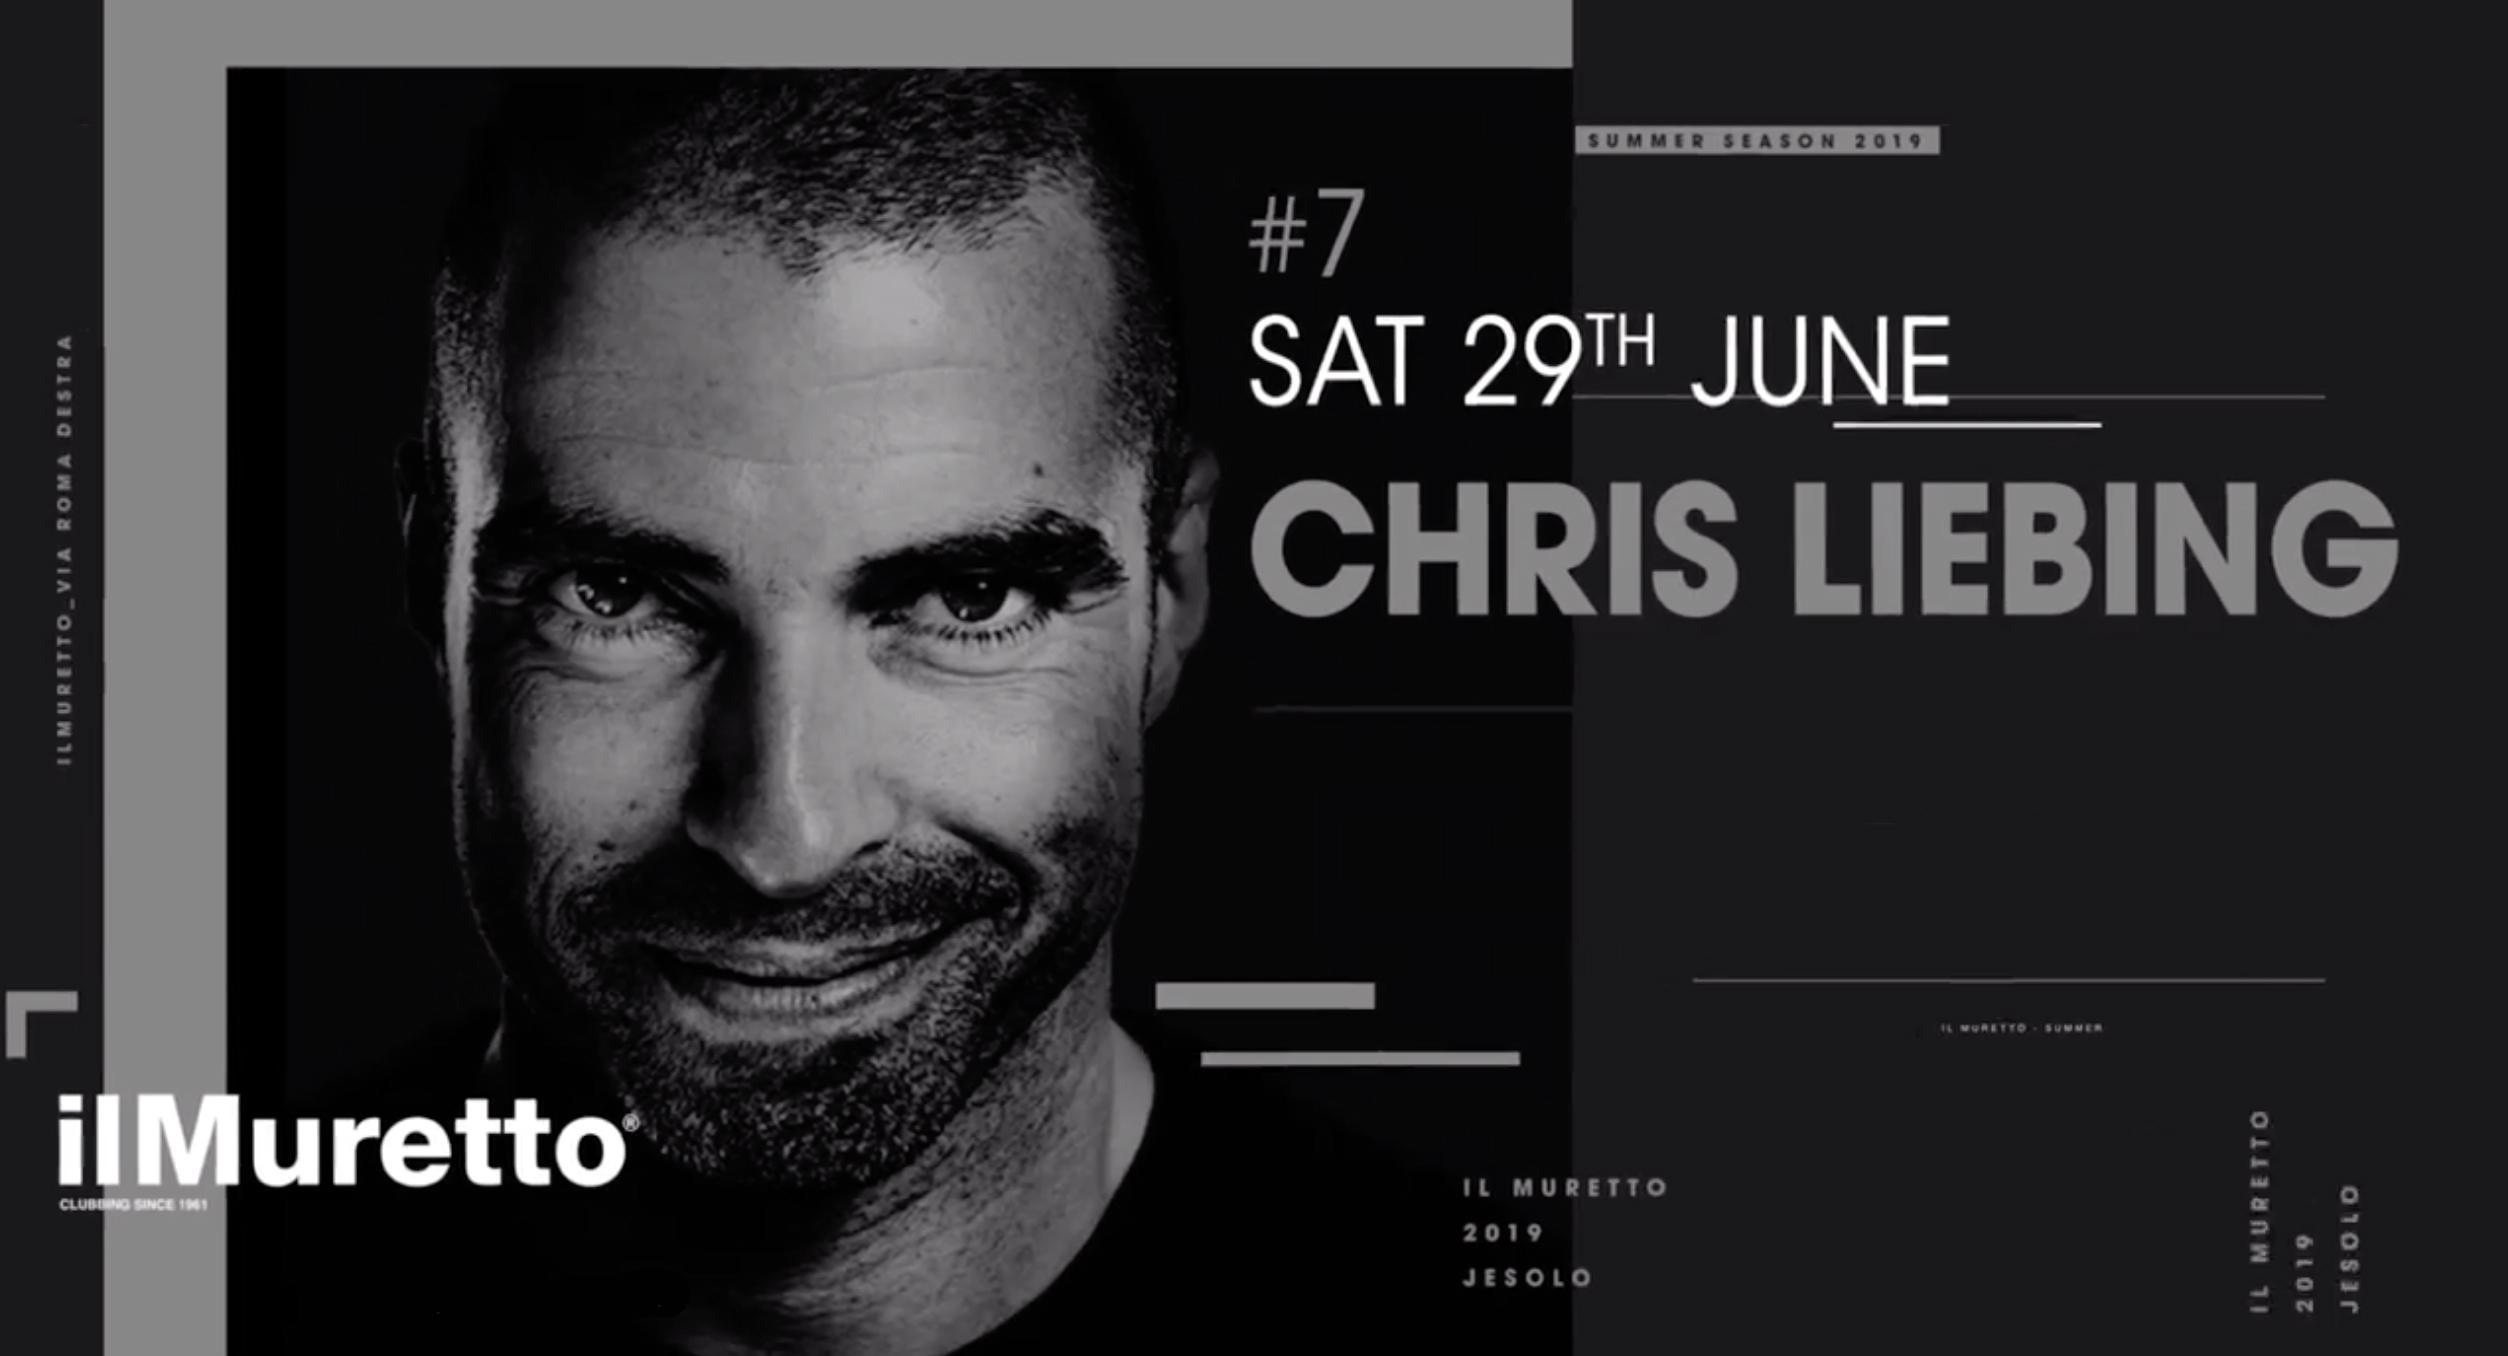 Chris Liebing @ Il Muretto Jesolo 29 Giugno 2019